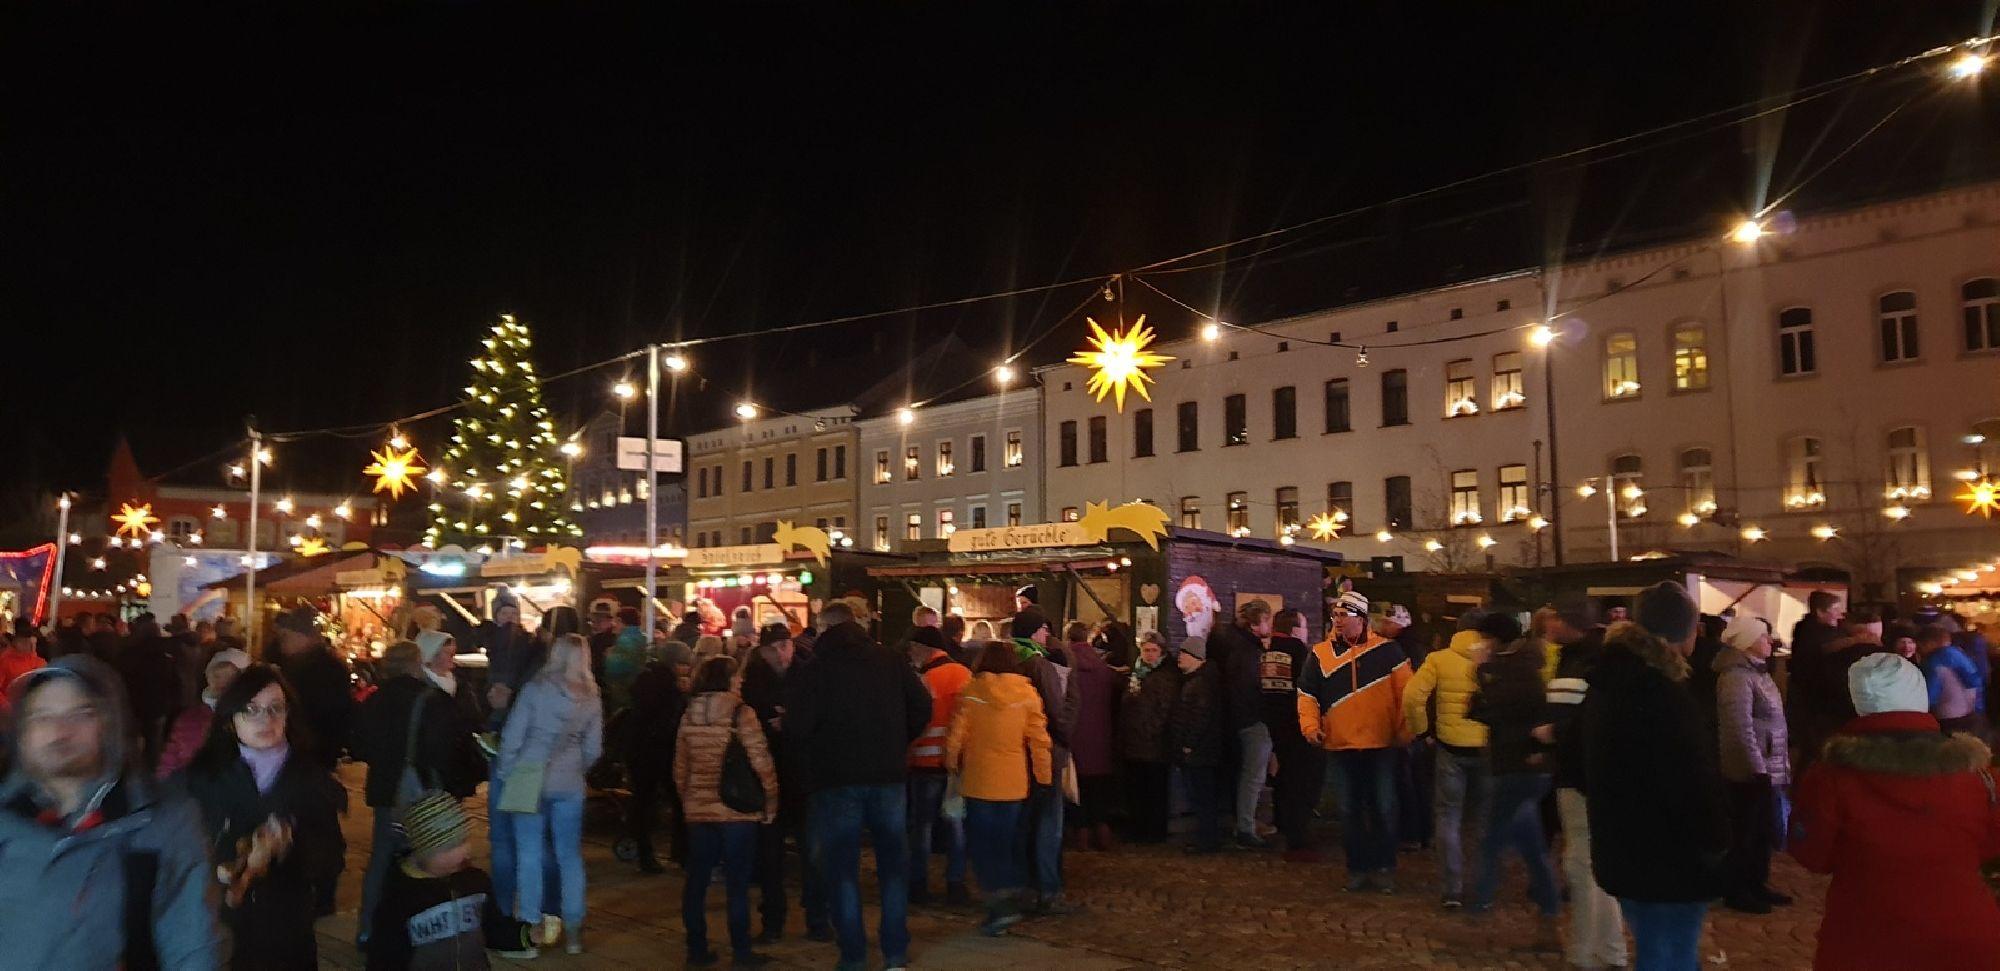 Weihnachtsmarkt in Eibenstock